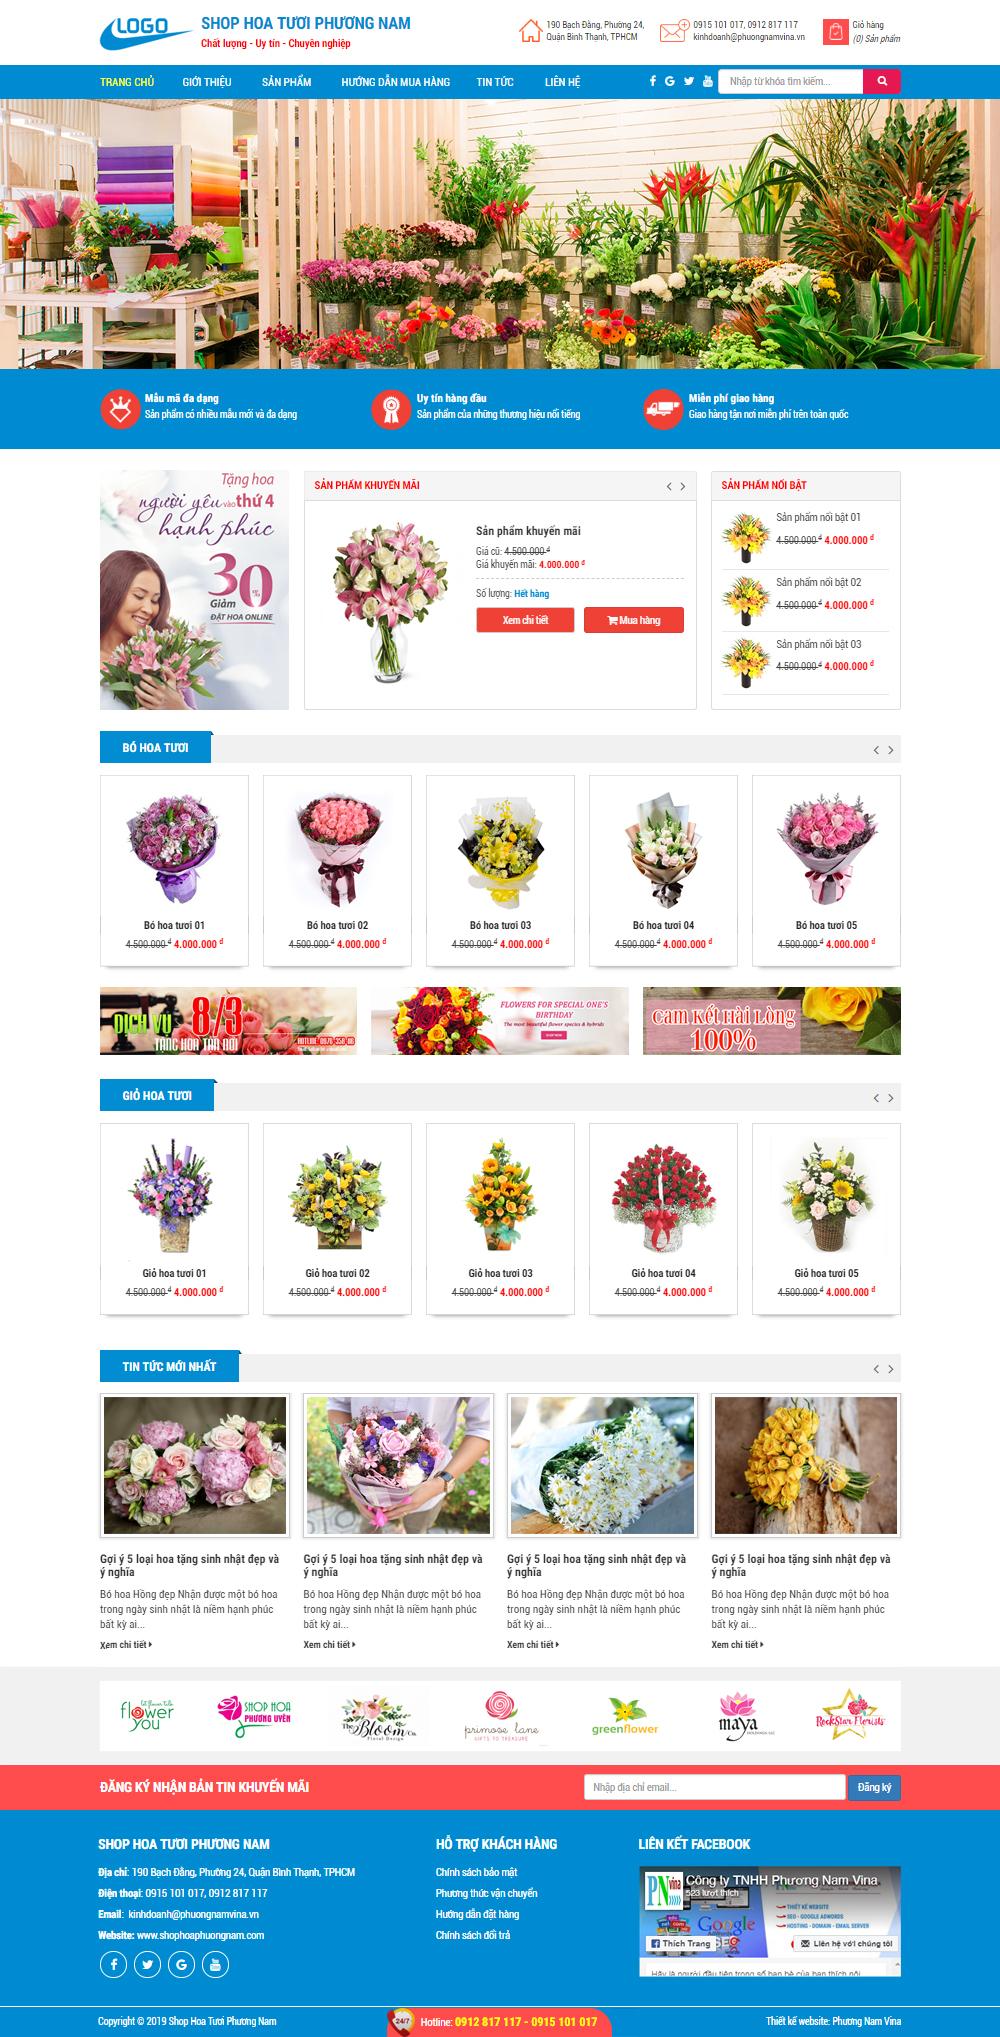 Mẫu web shop hoa giá rẻ